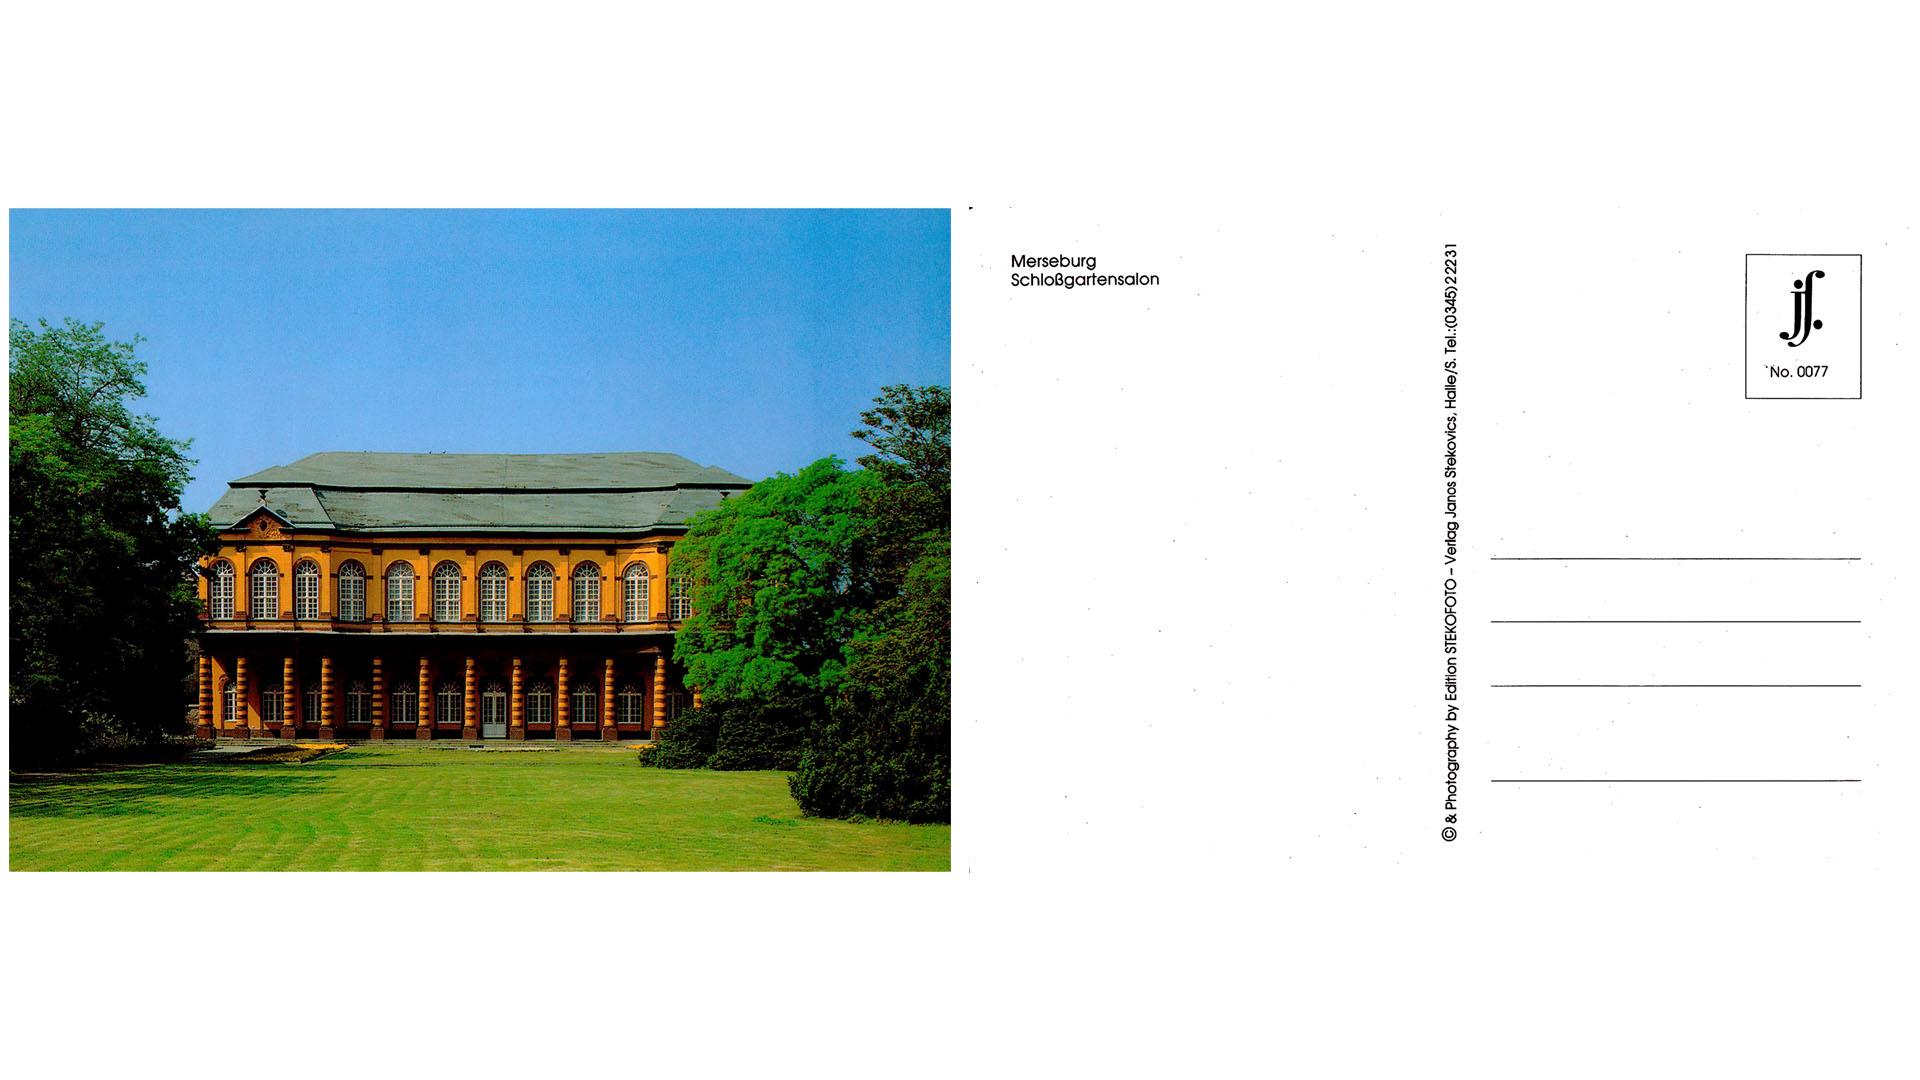 Merseburg - Schloßgartensalon